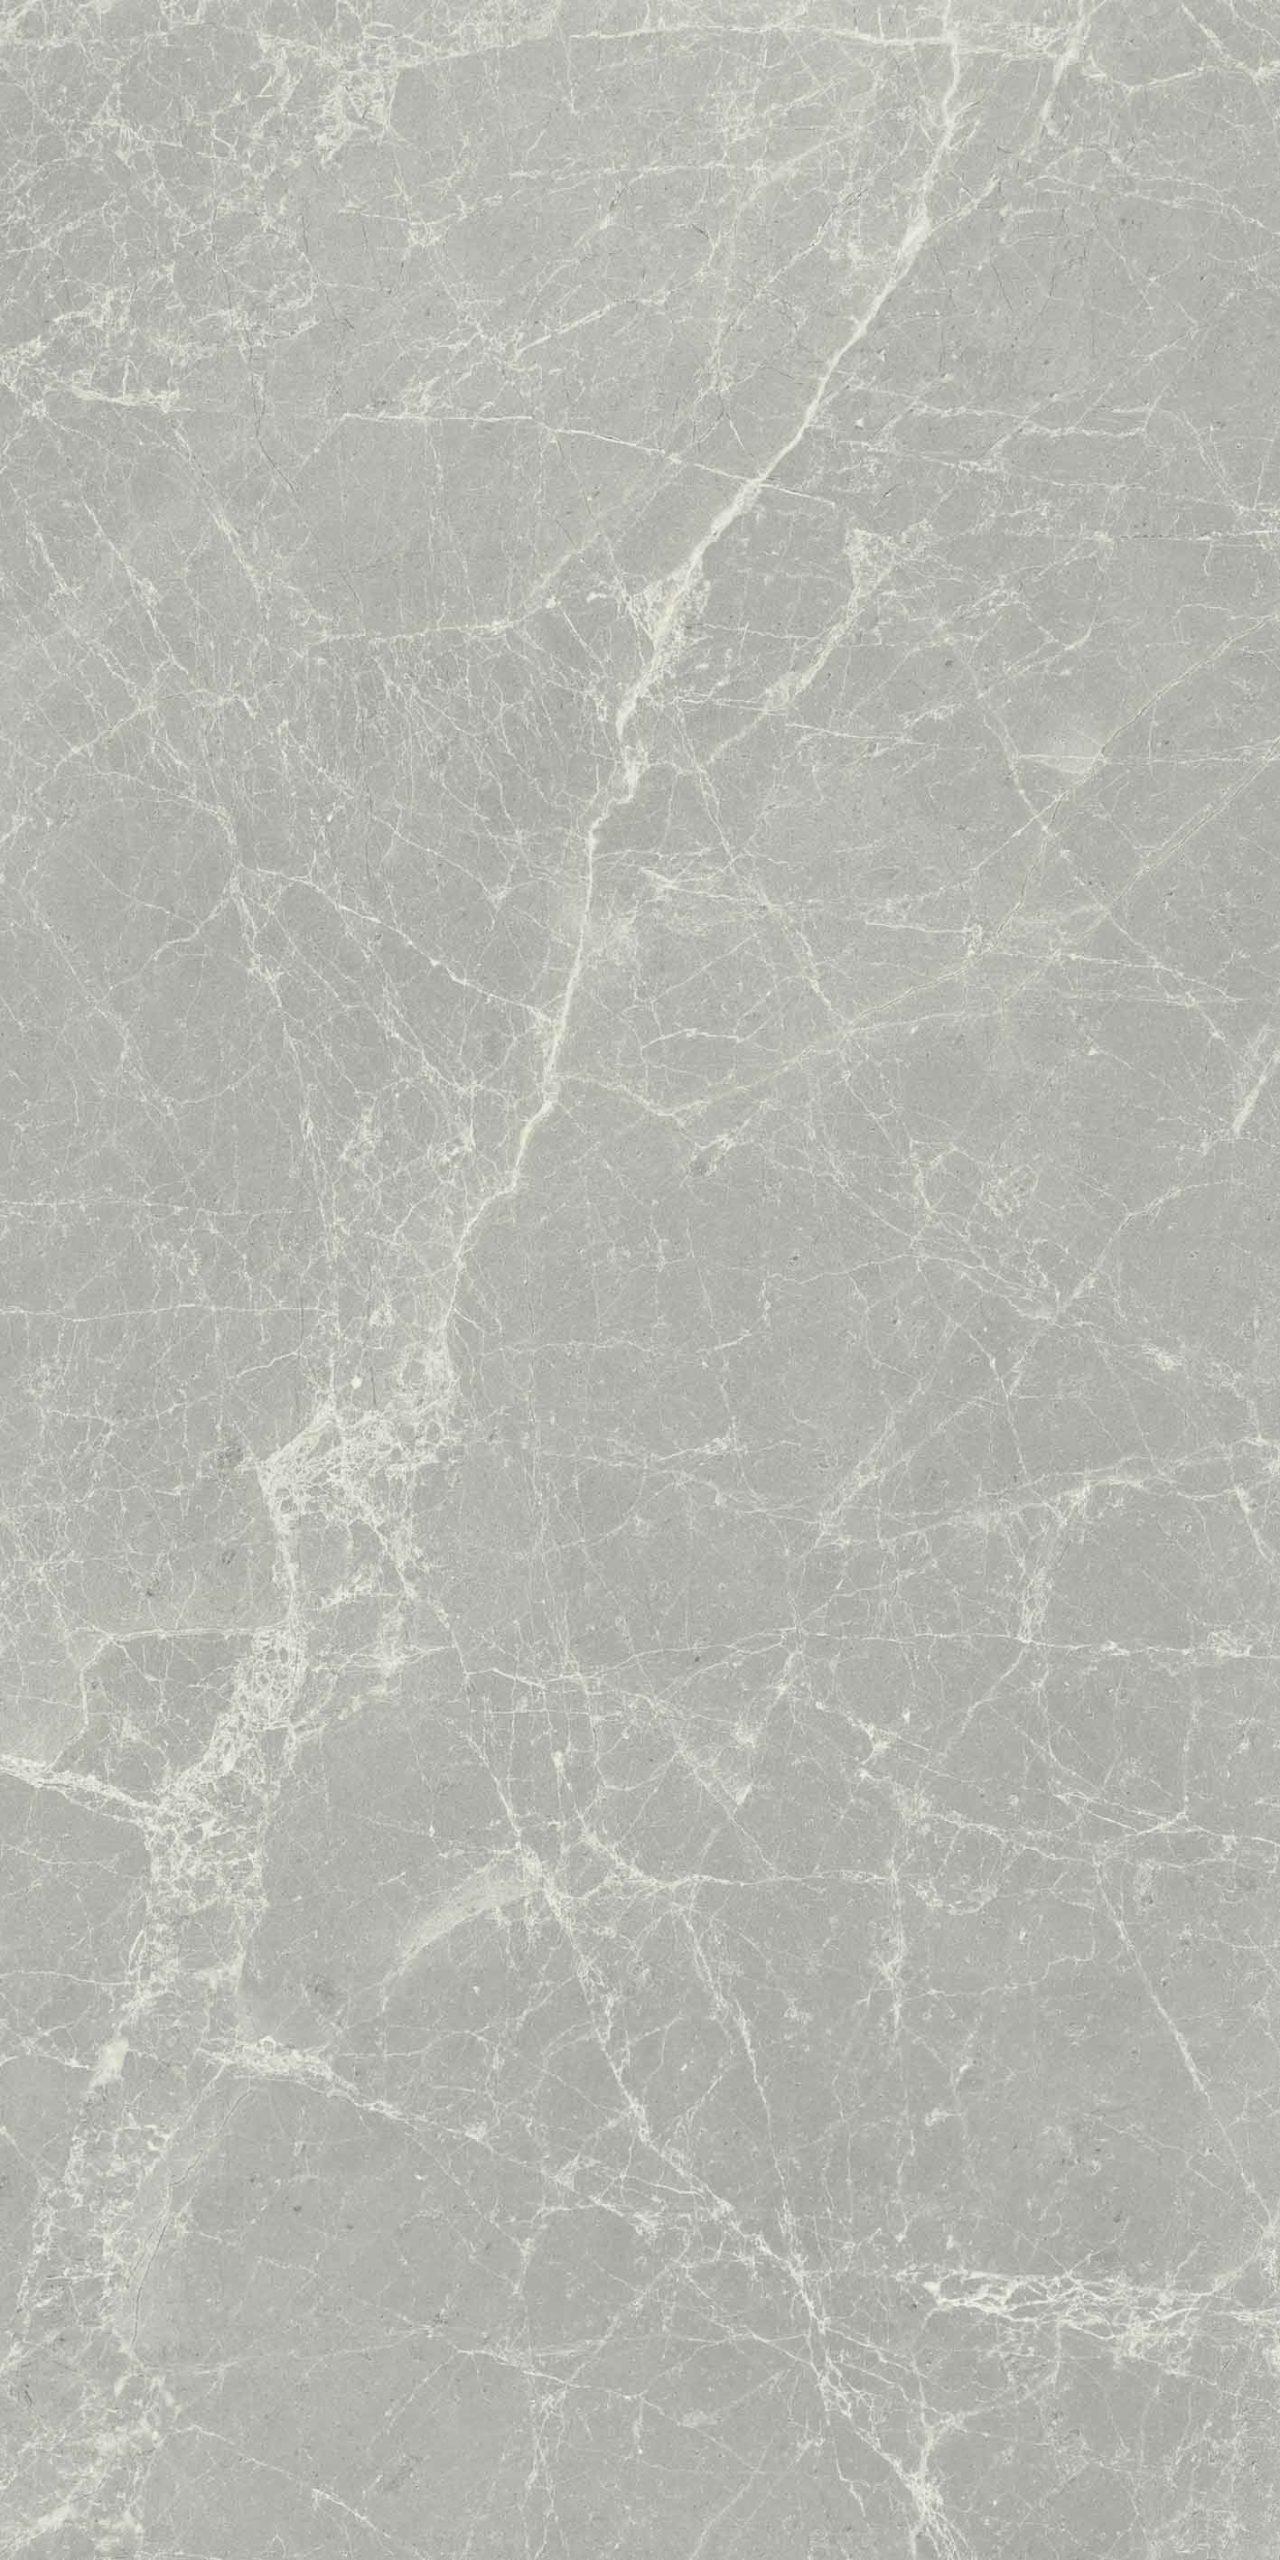 Exalt of Cerim Silver Light Matte 10mm 60 x 120